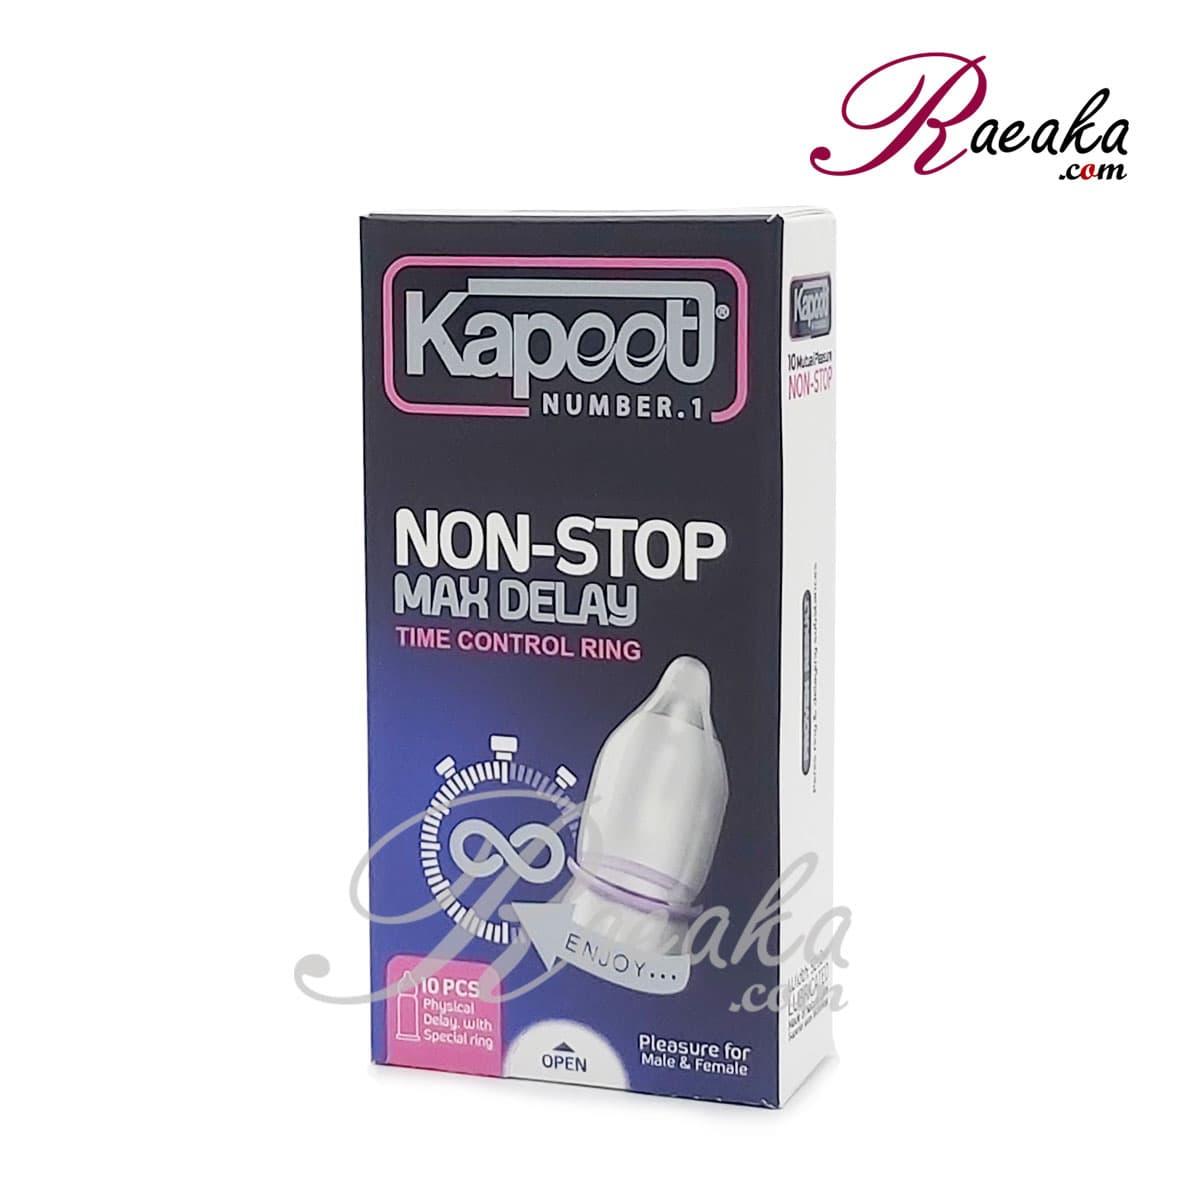 کاندوم تاخیری دو برابر- کاپوت مدل NON-STOP بسته ۱۰ عددی